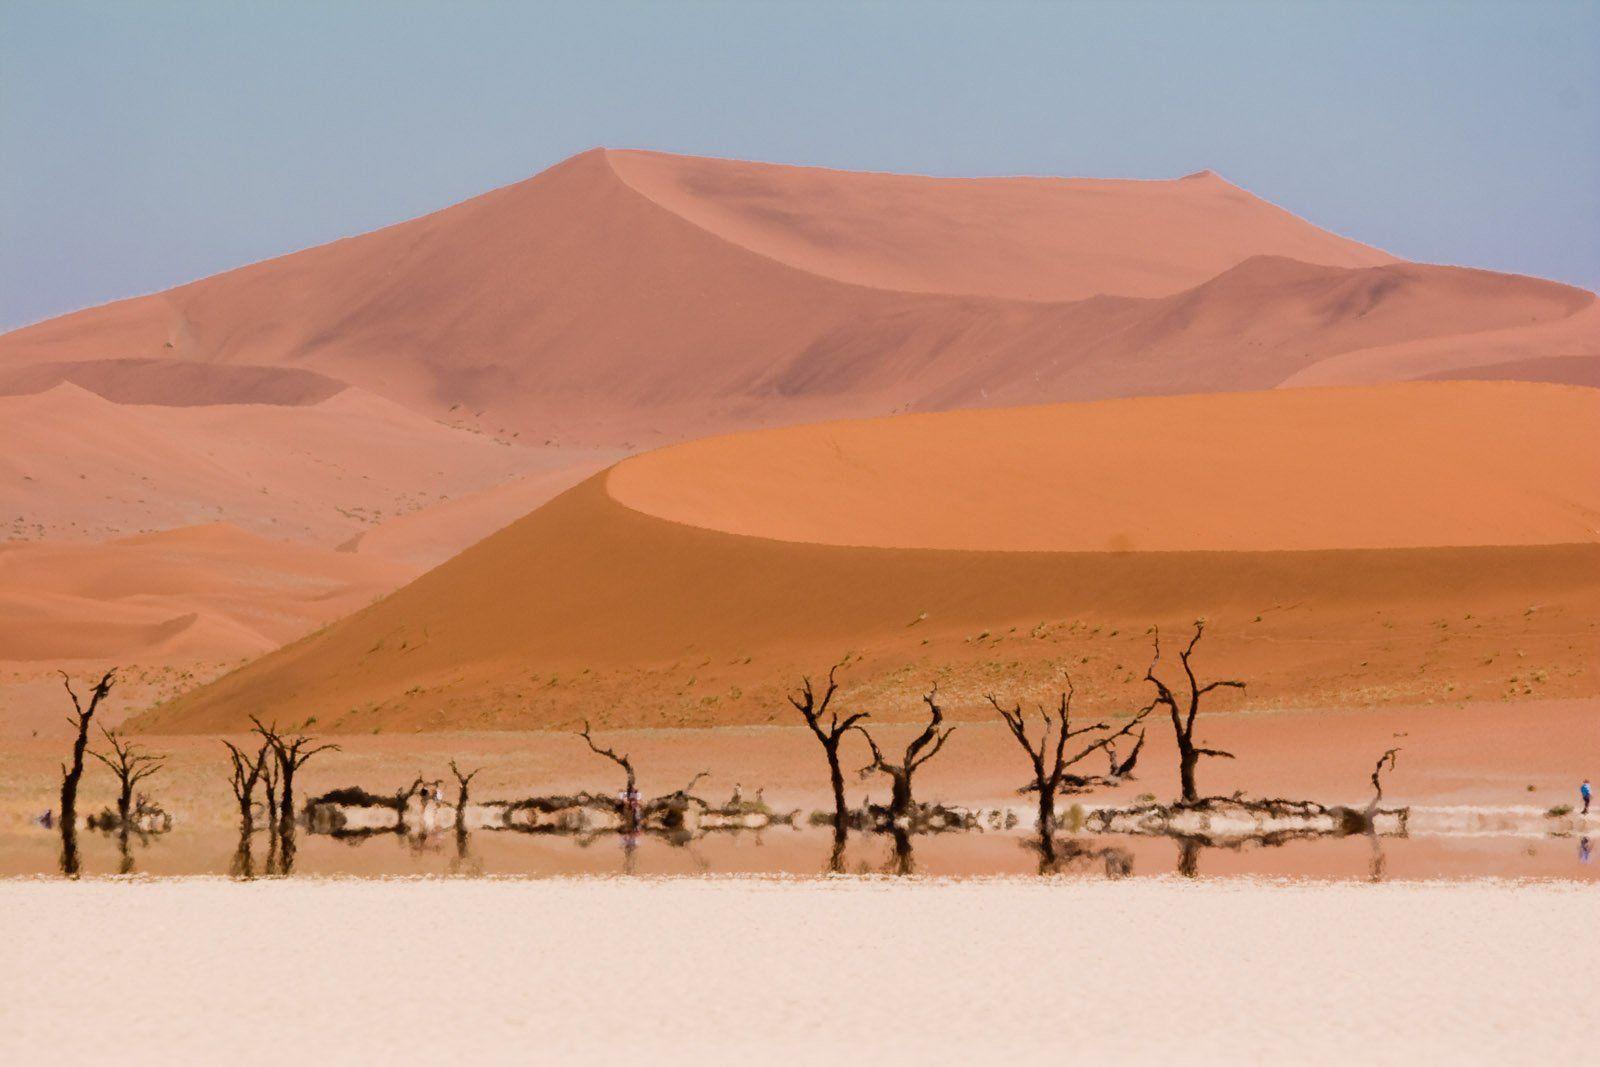 The surreal landscape photography of deadvlei the wondrous for Landscape images